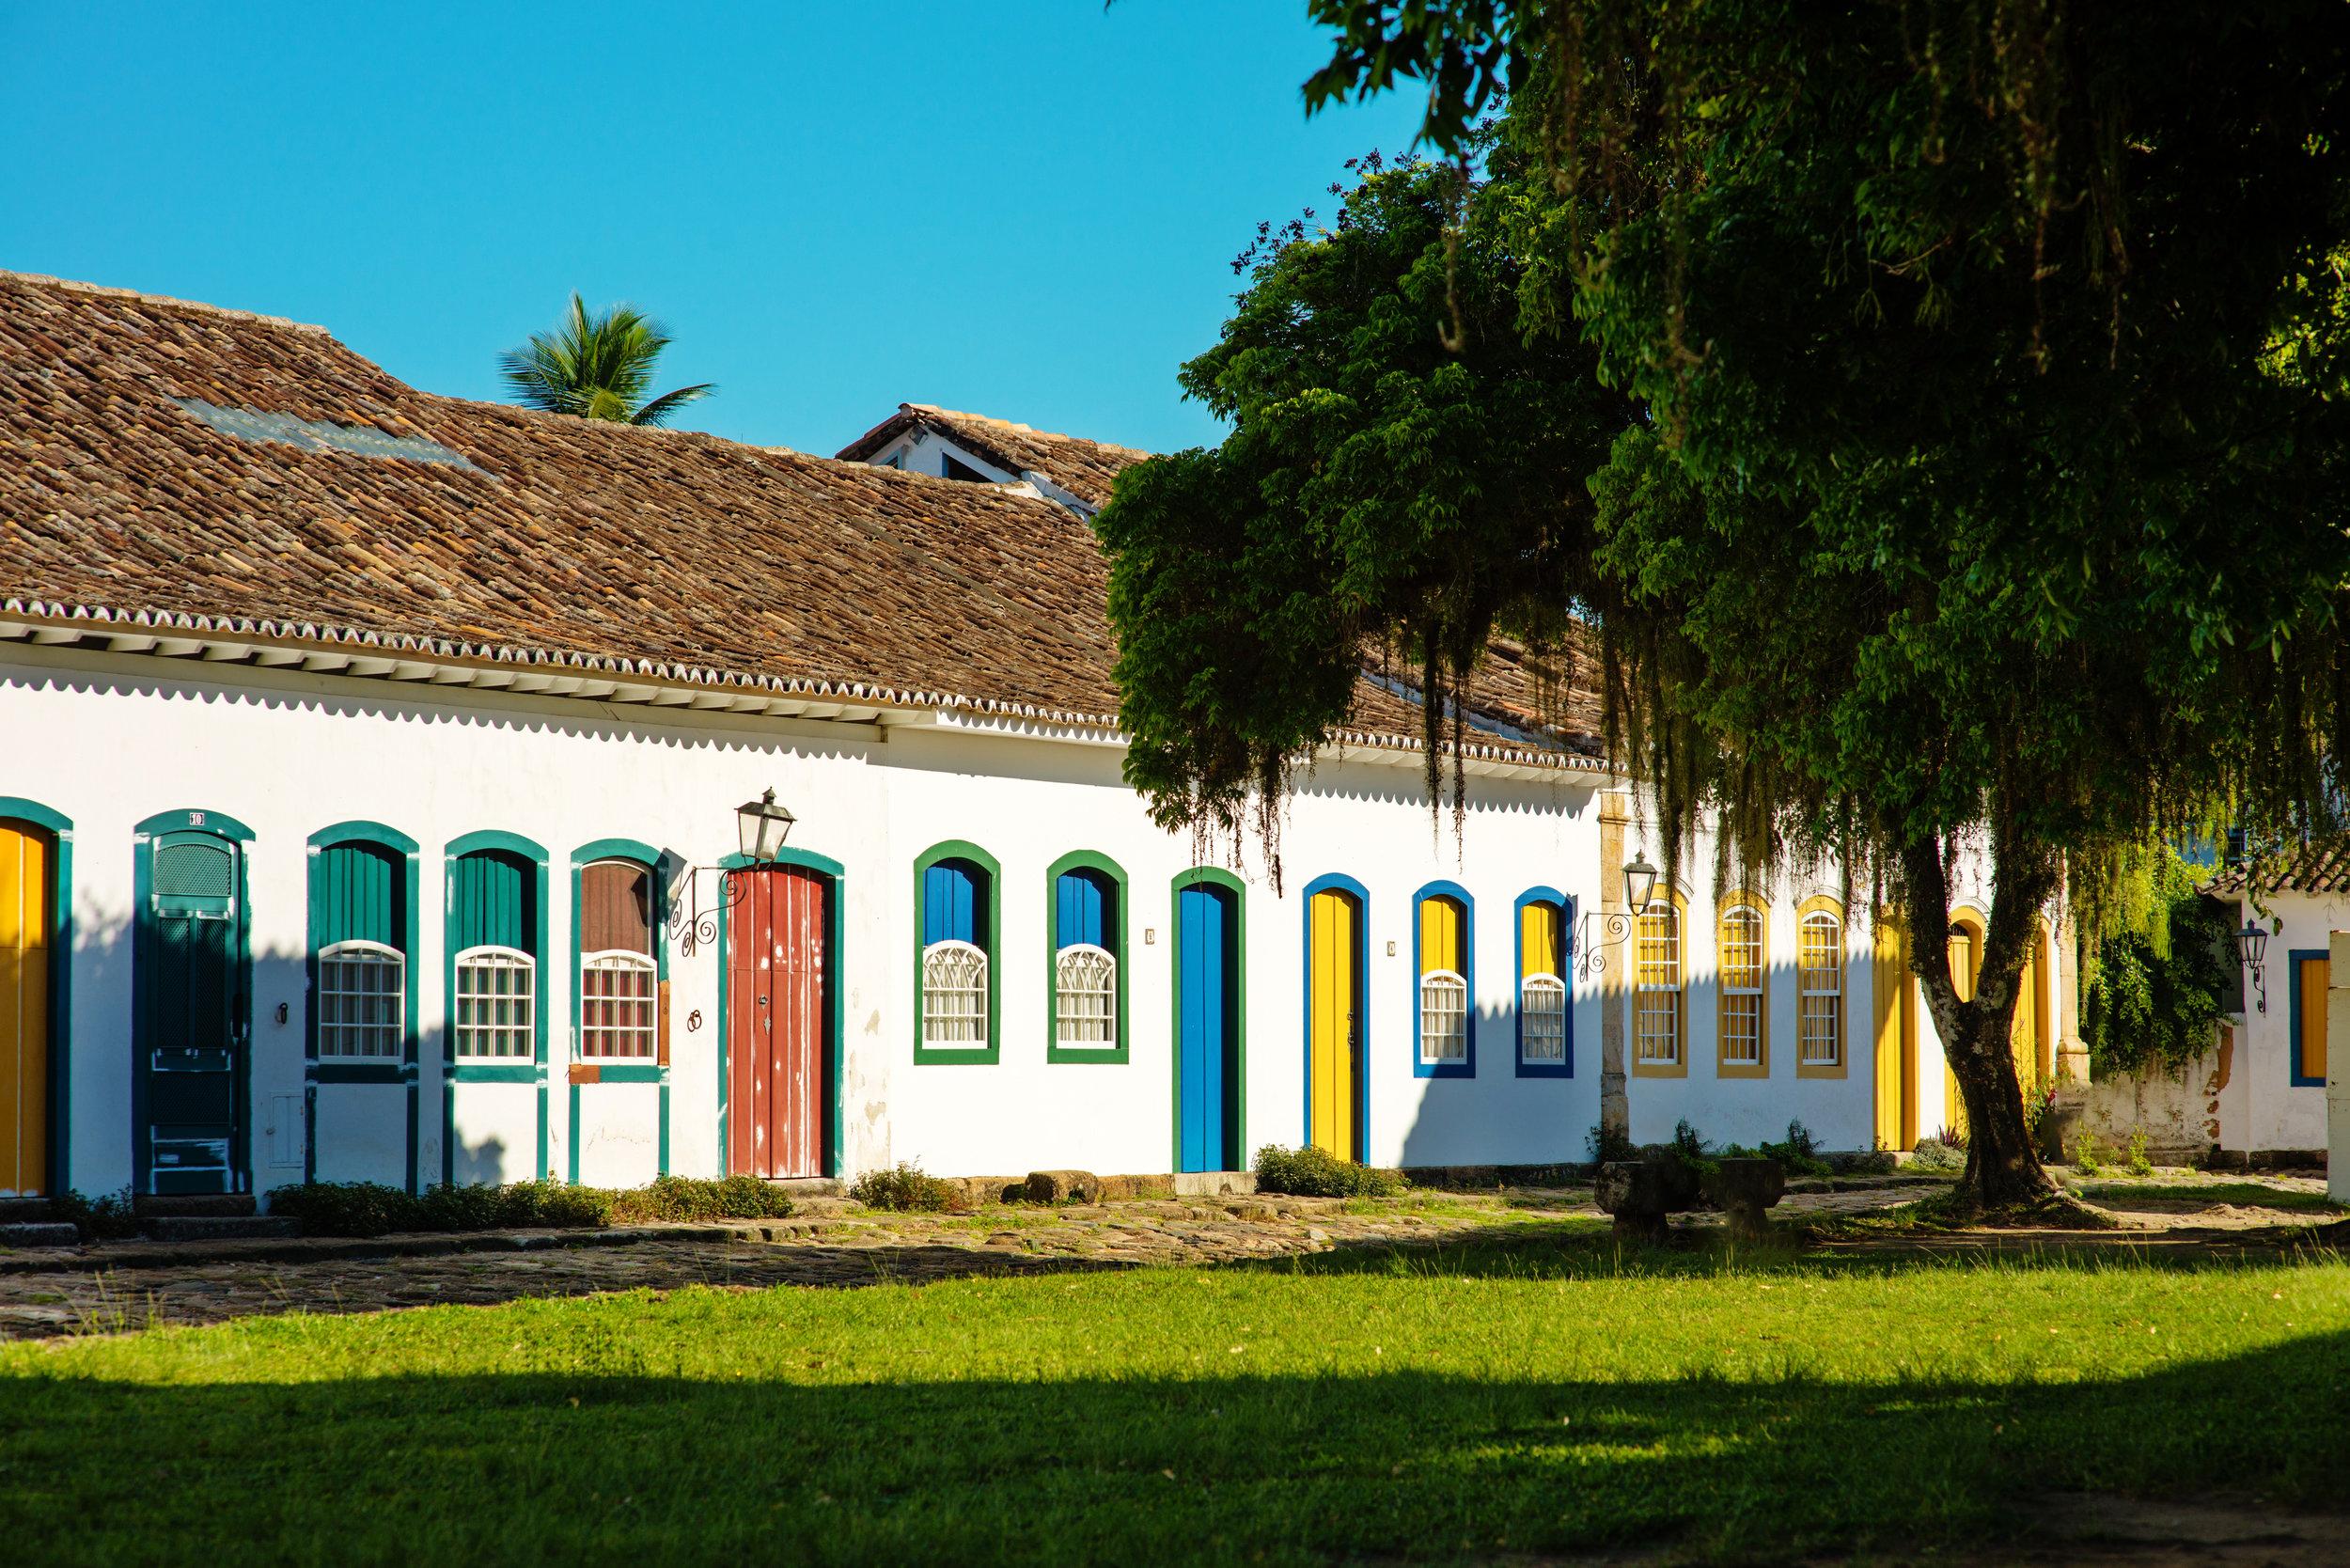 Historic village of Paraty, Brazil